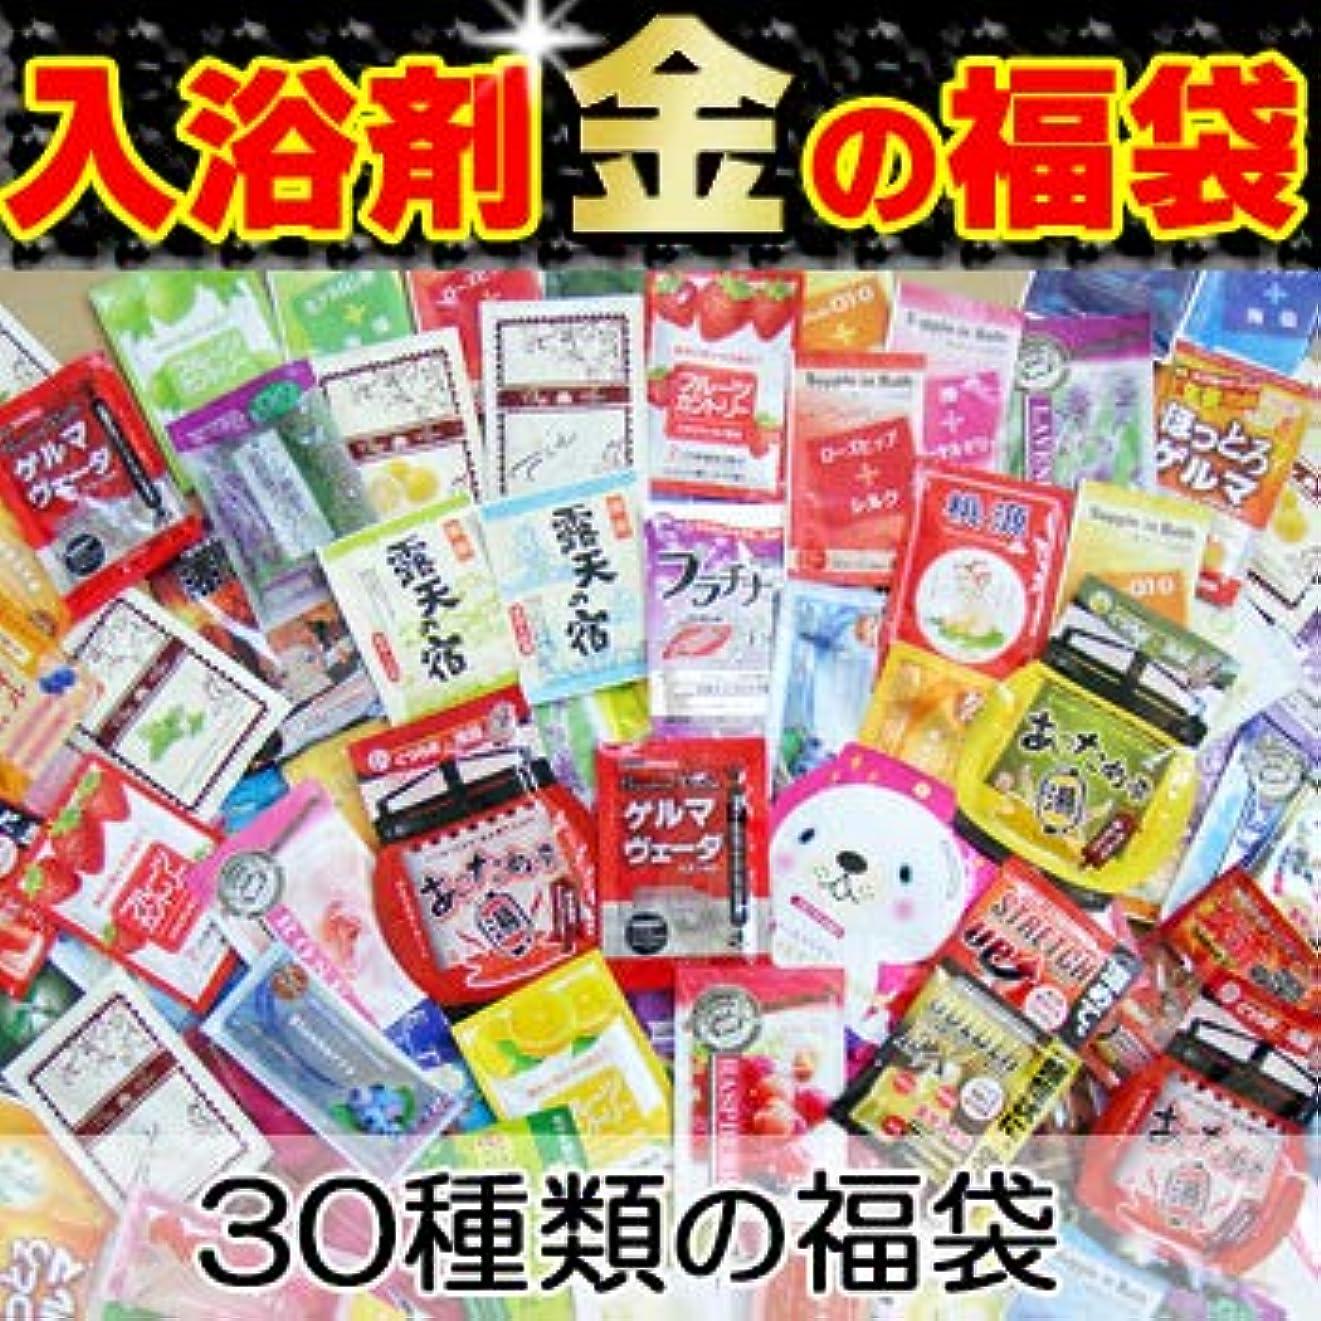 あいまいミュート憤るお試し入浴剤 金の福袋30種類!30日分 入浴剤福袋 安心の日本製!